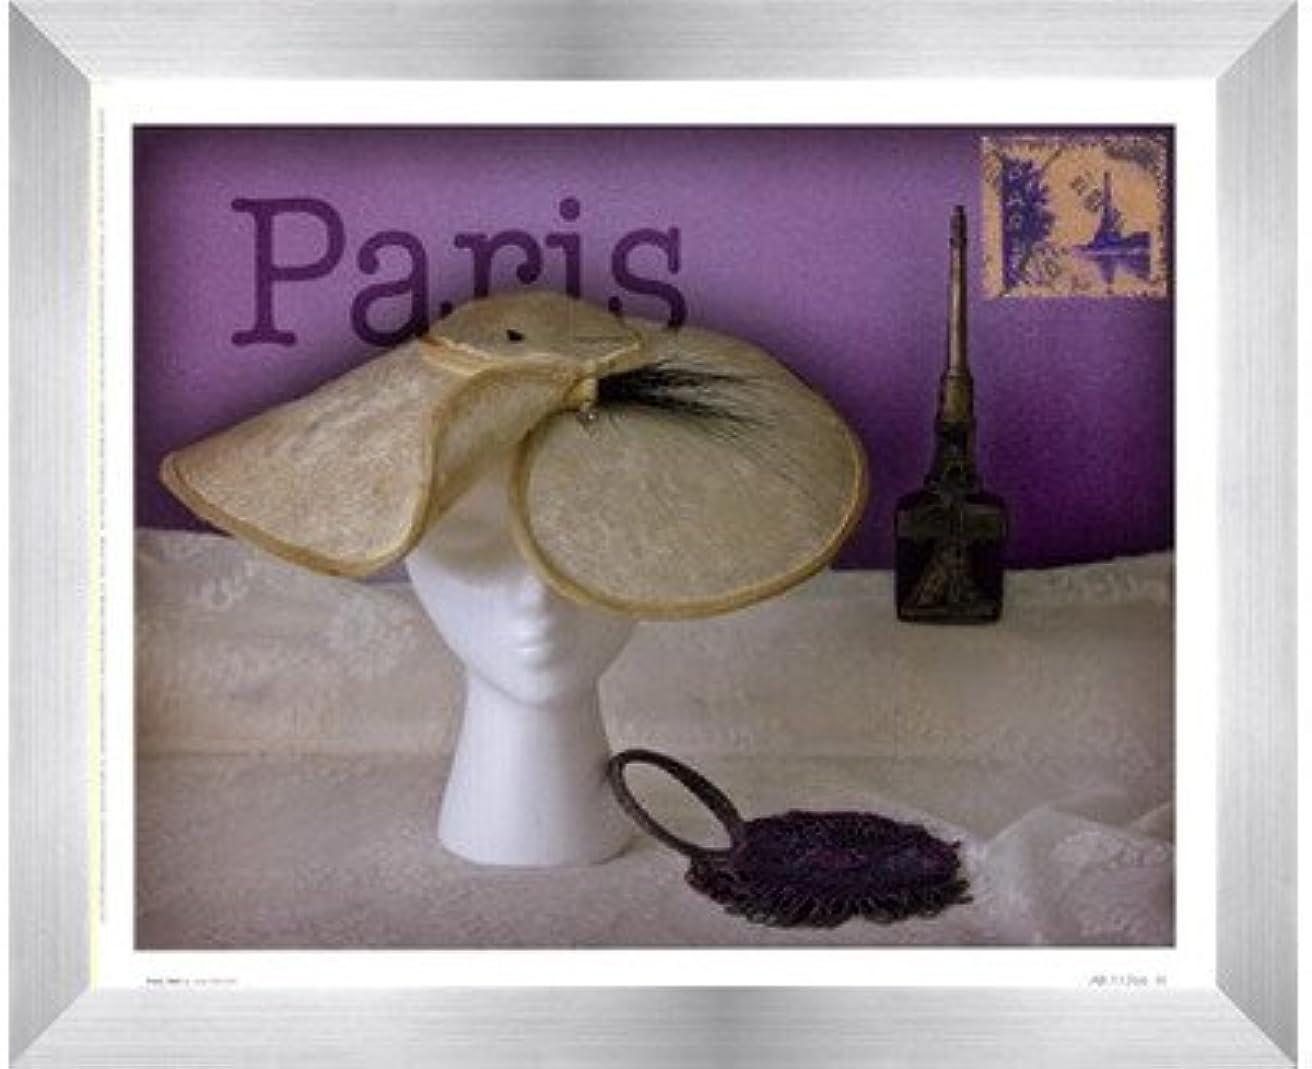 予測子展開するのスコアパリ帽子by Judy Mandolf – 11 x 9インチ – アートプリントポスター LE_40509-F9935-11x9